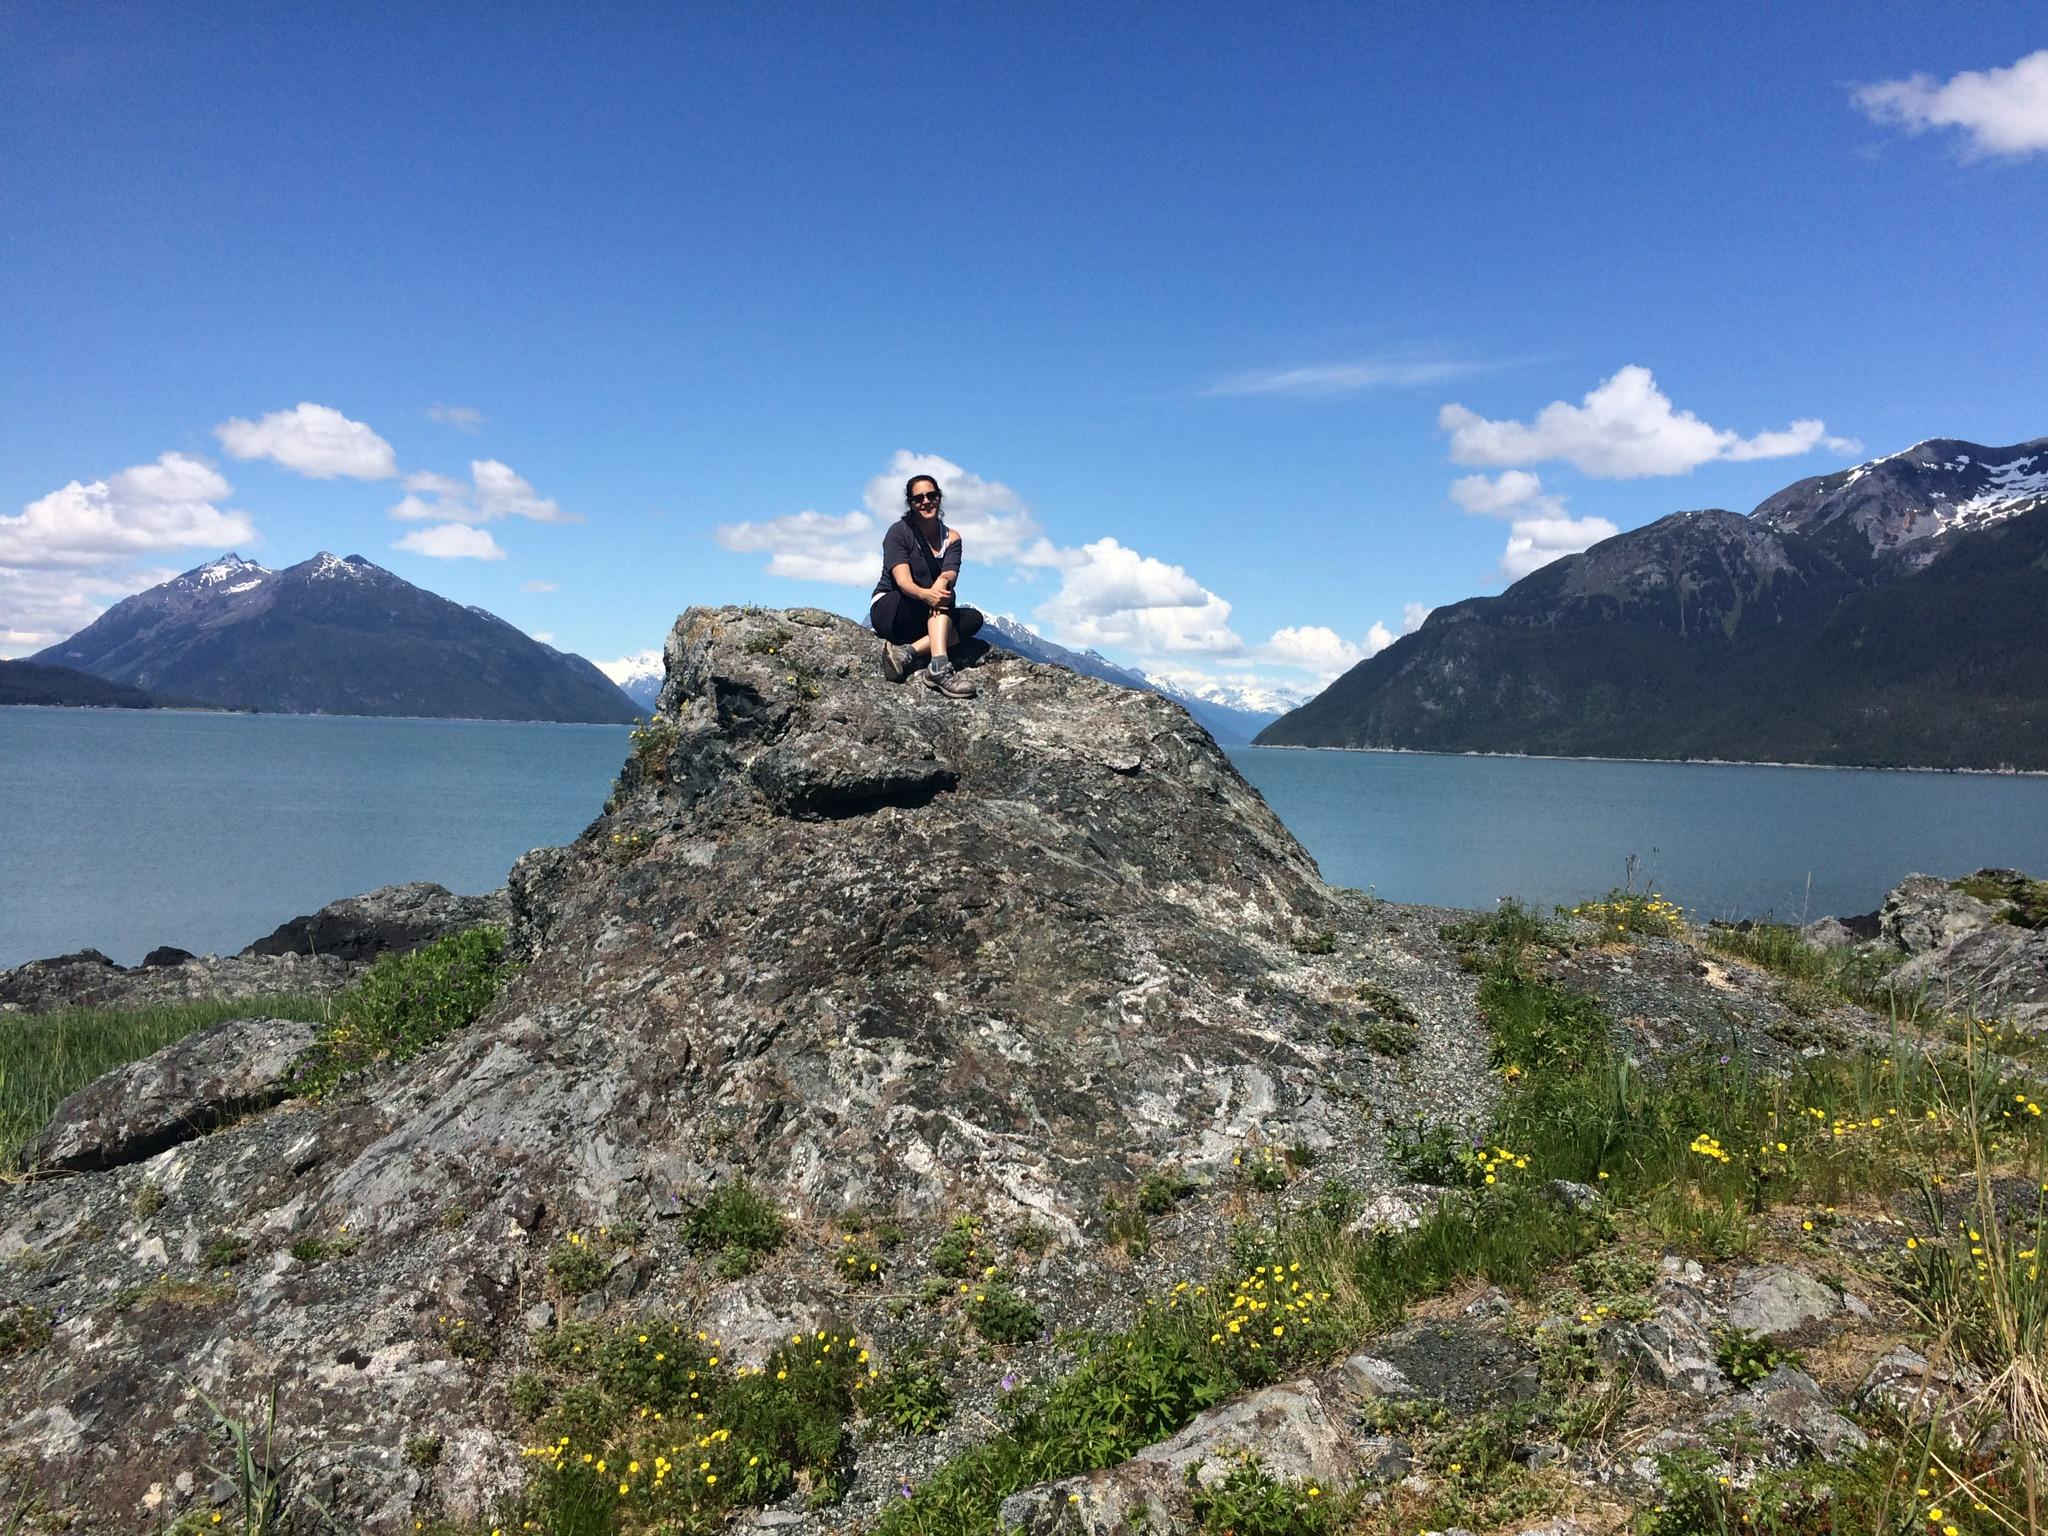 Corrie J. Bosman provides legal assistance to Alaskan clients